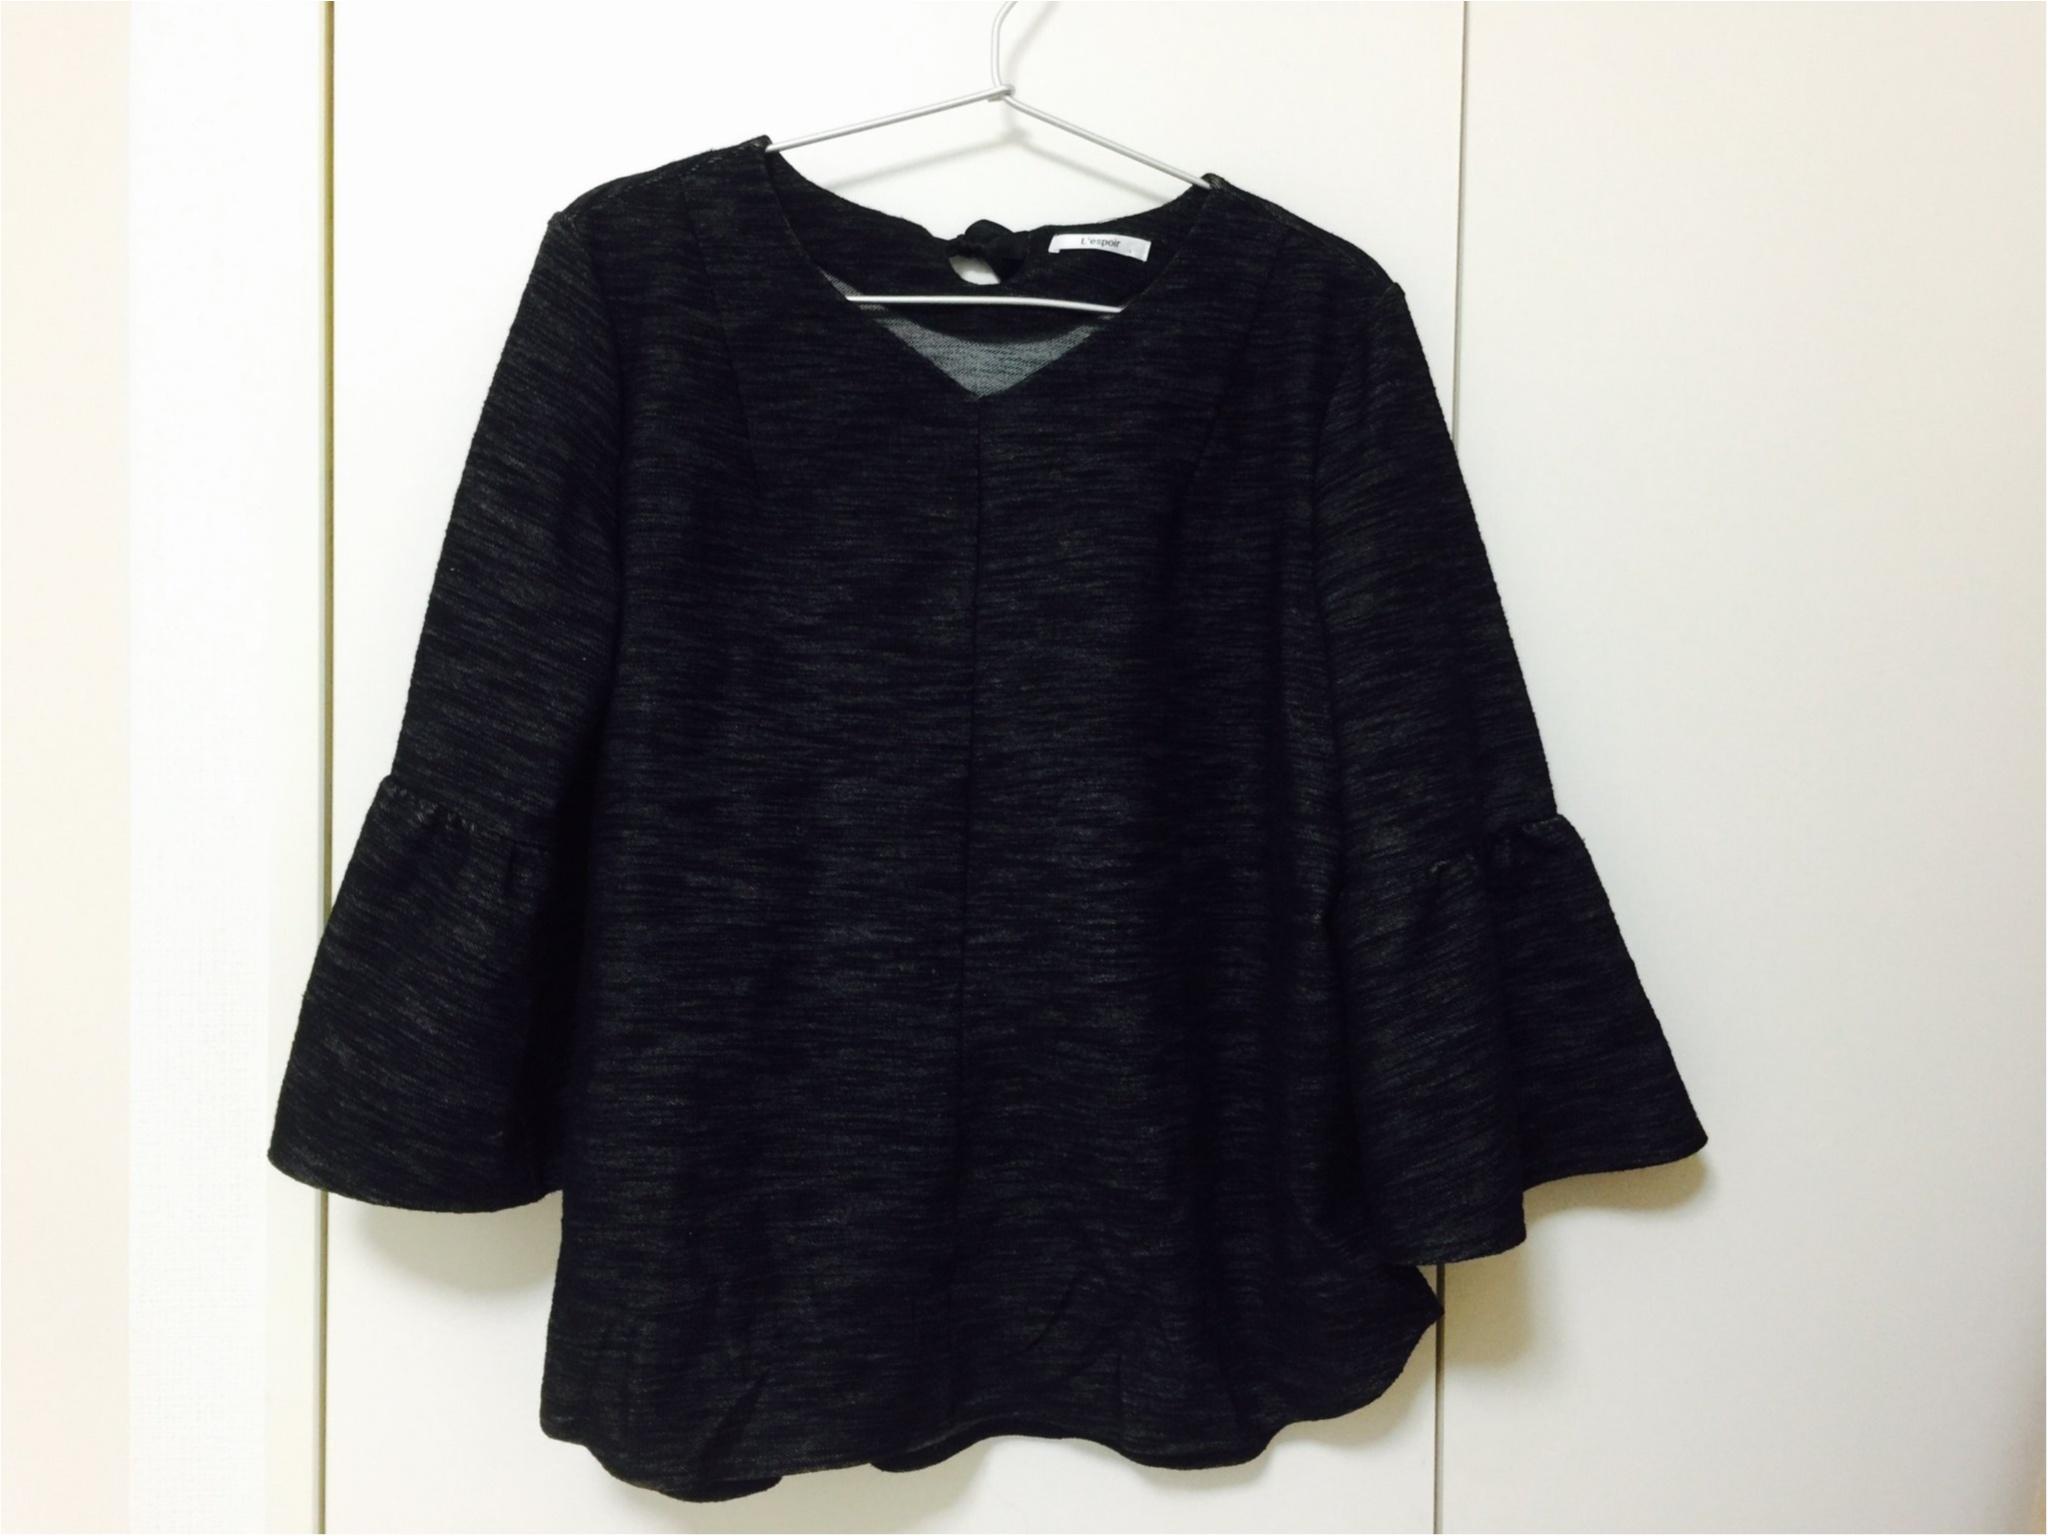 【しまむらで1500円!】春のブラウス購入!袖に注目!!_2